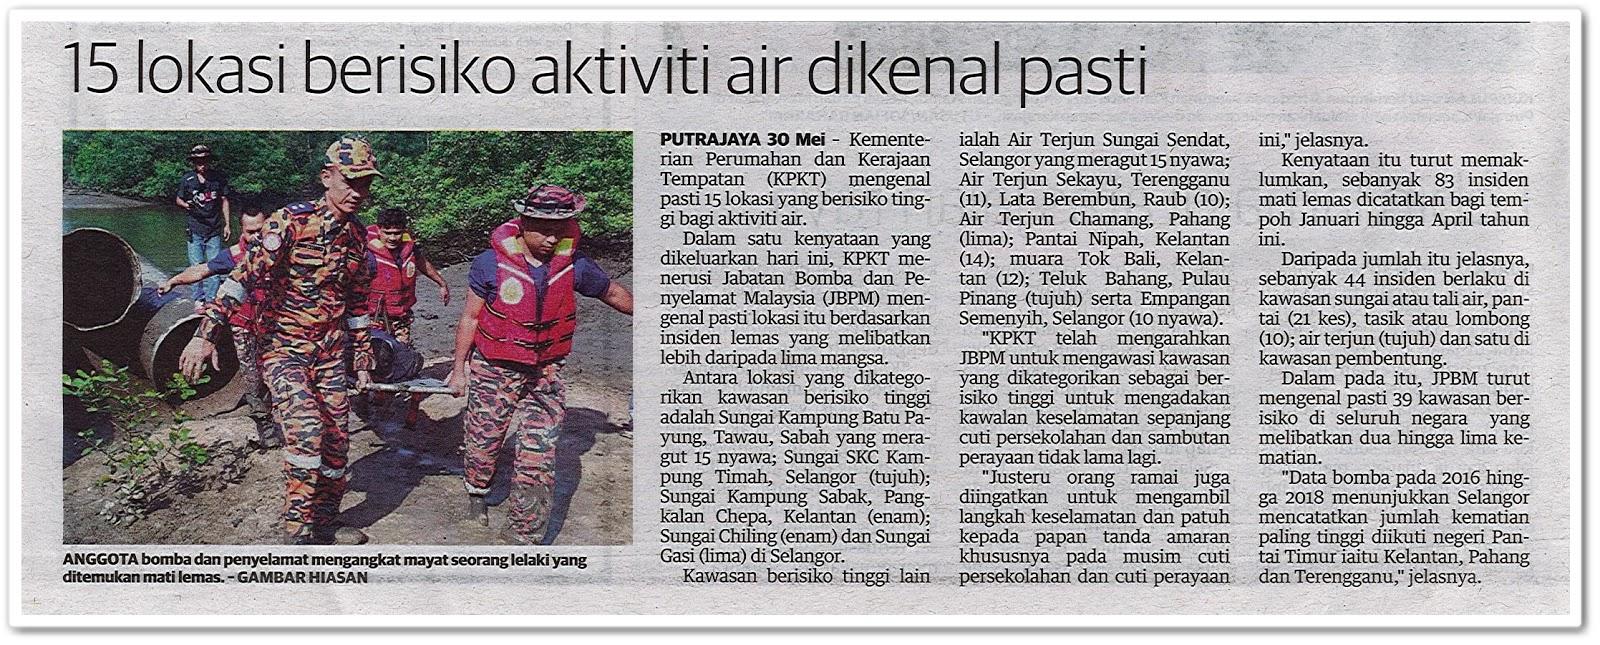 15 lokasi berisiko aktiviti air dikenal pasti - Keratan akhbar Utusan Malaysia 31 Mei 2019